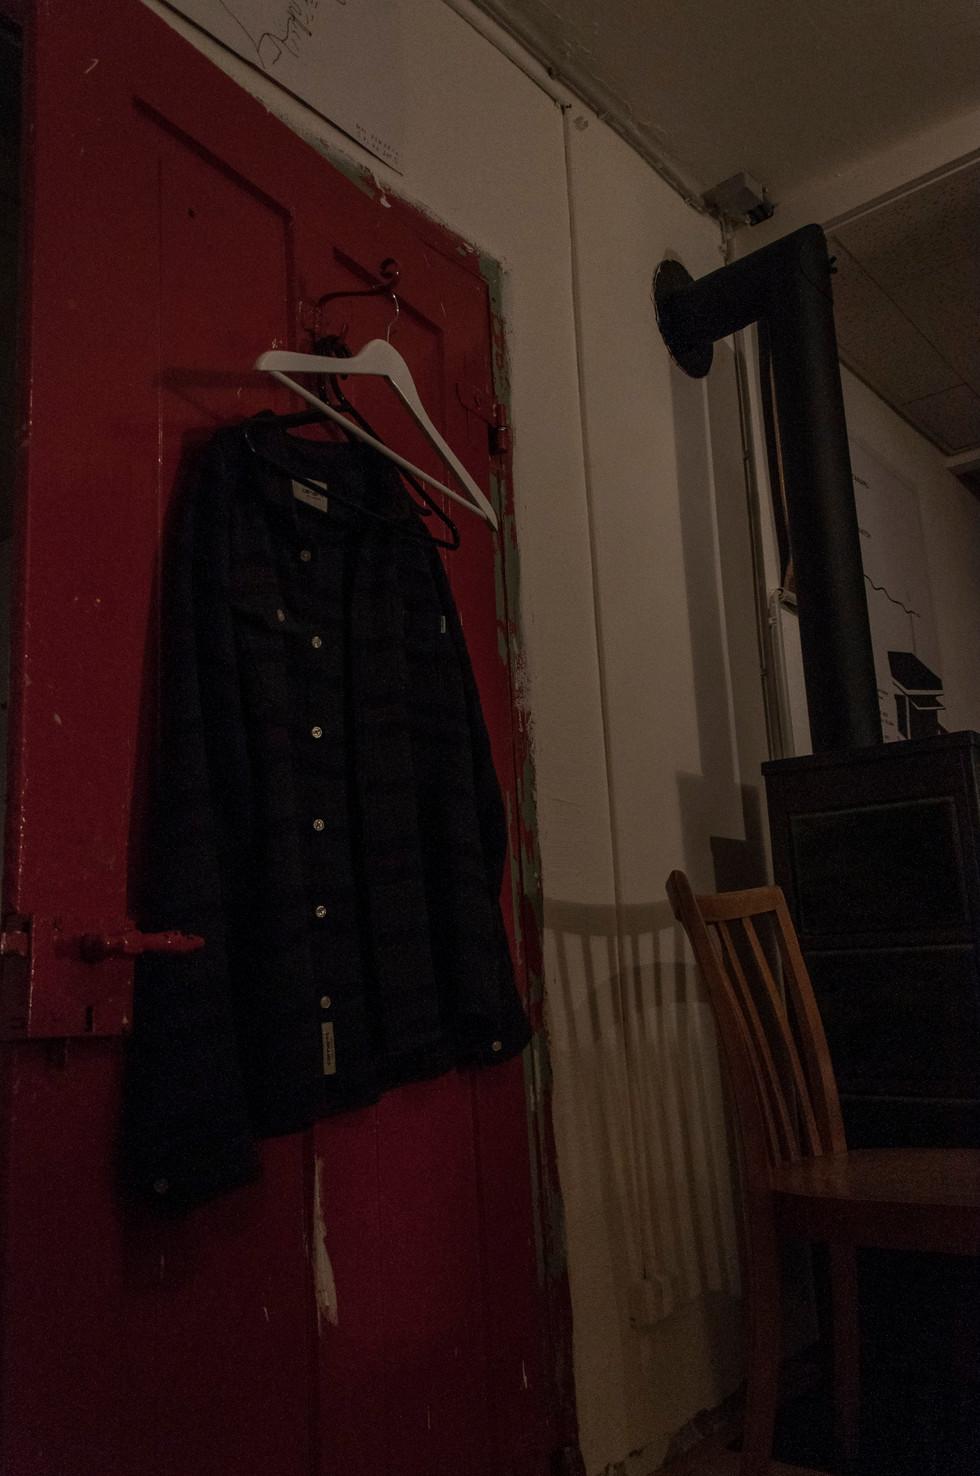 His shirt, his door, his room